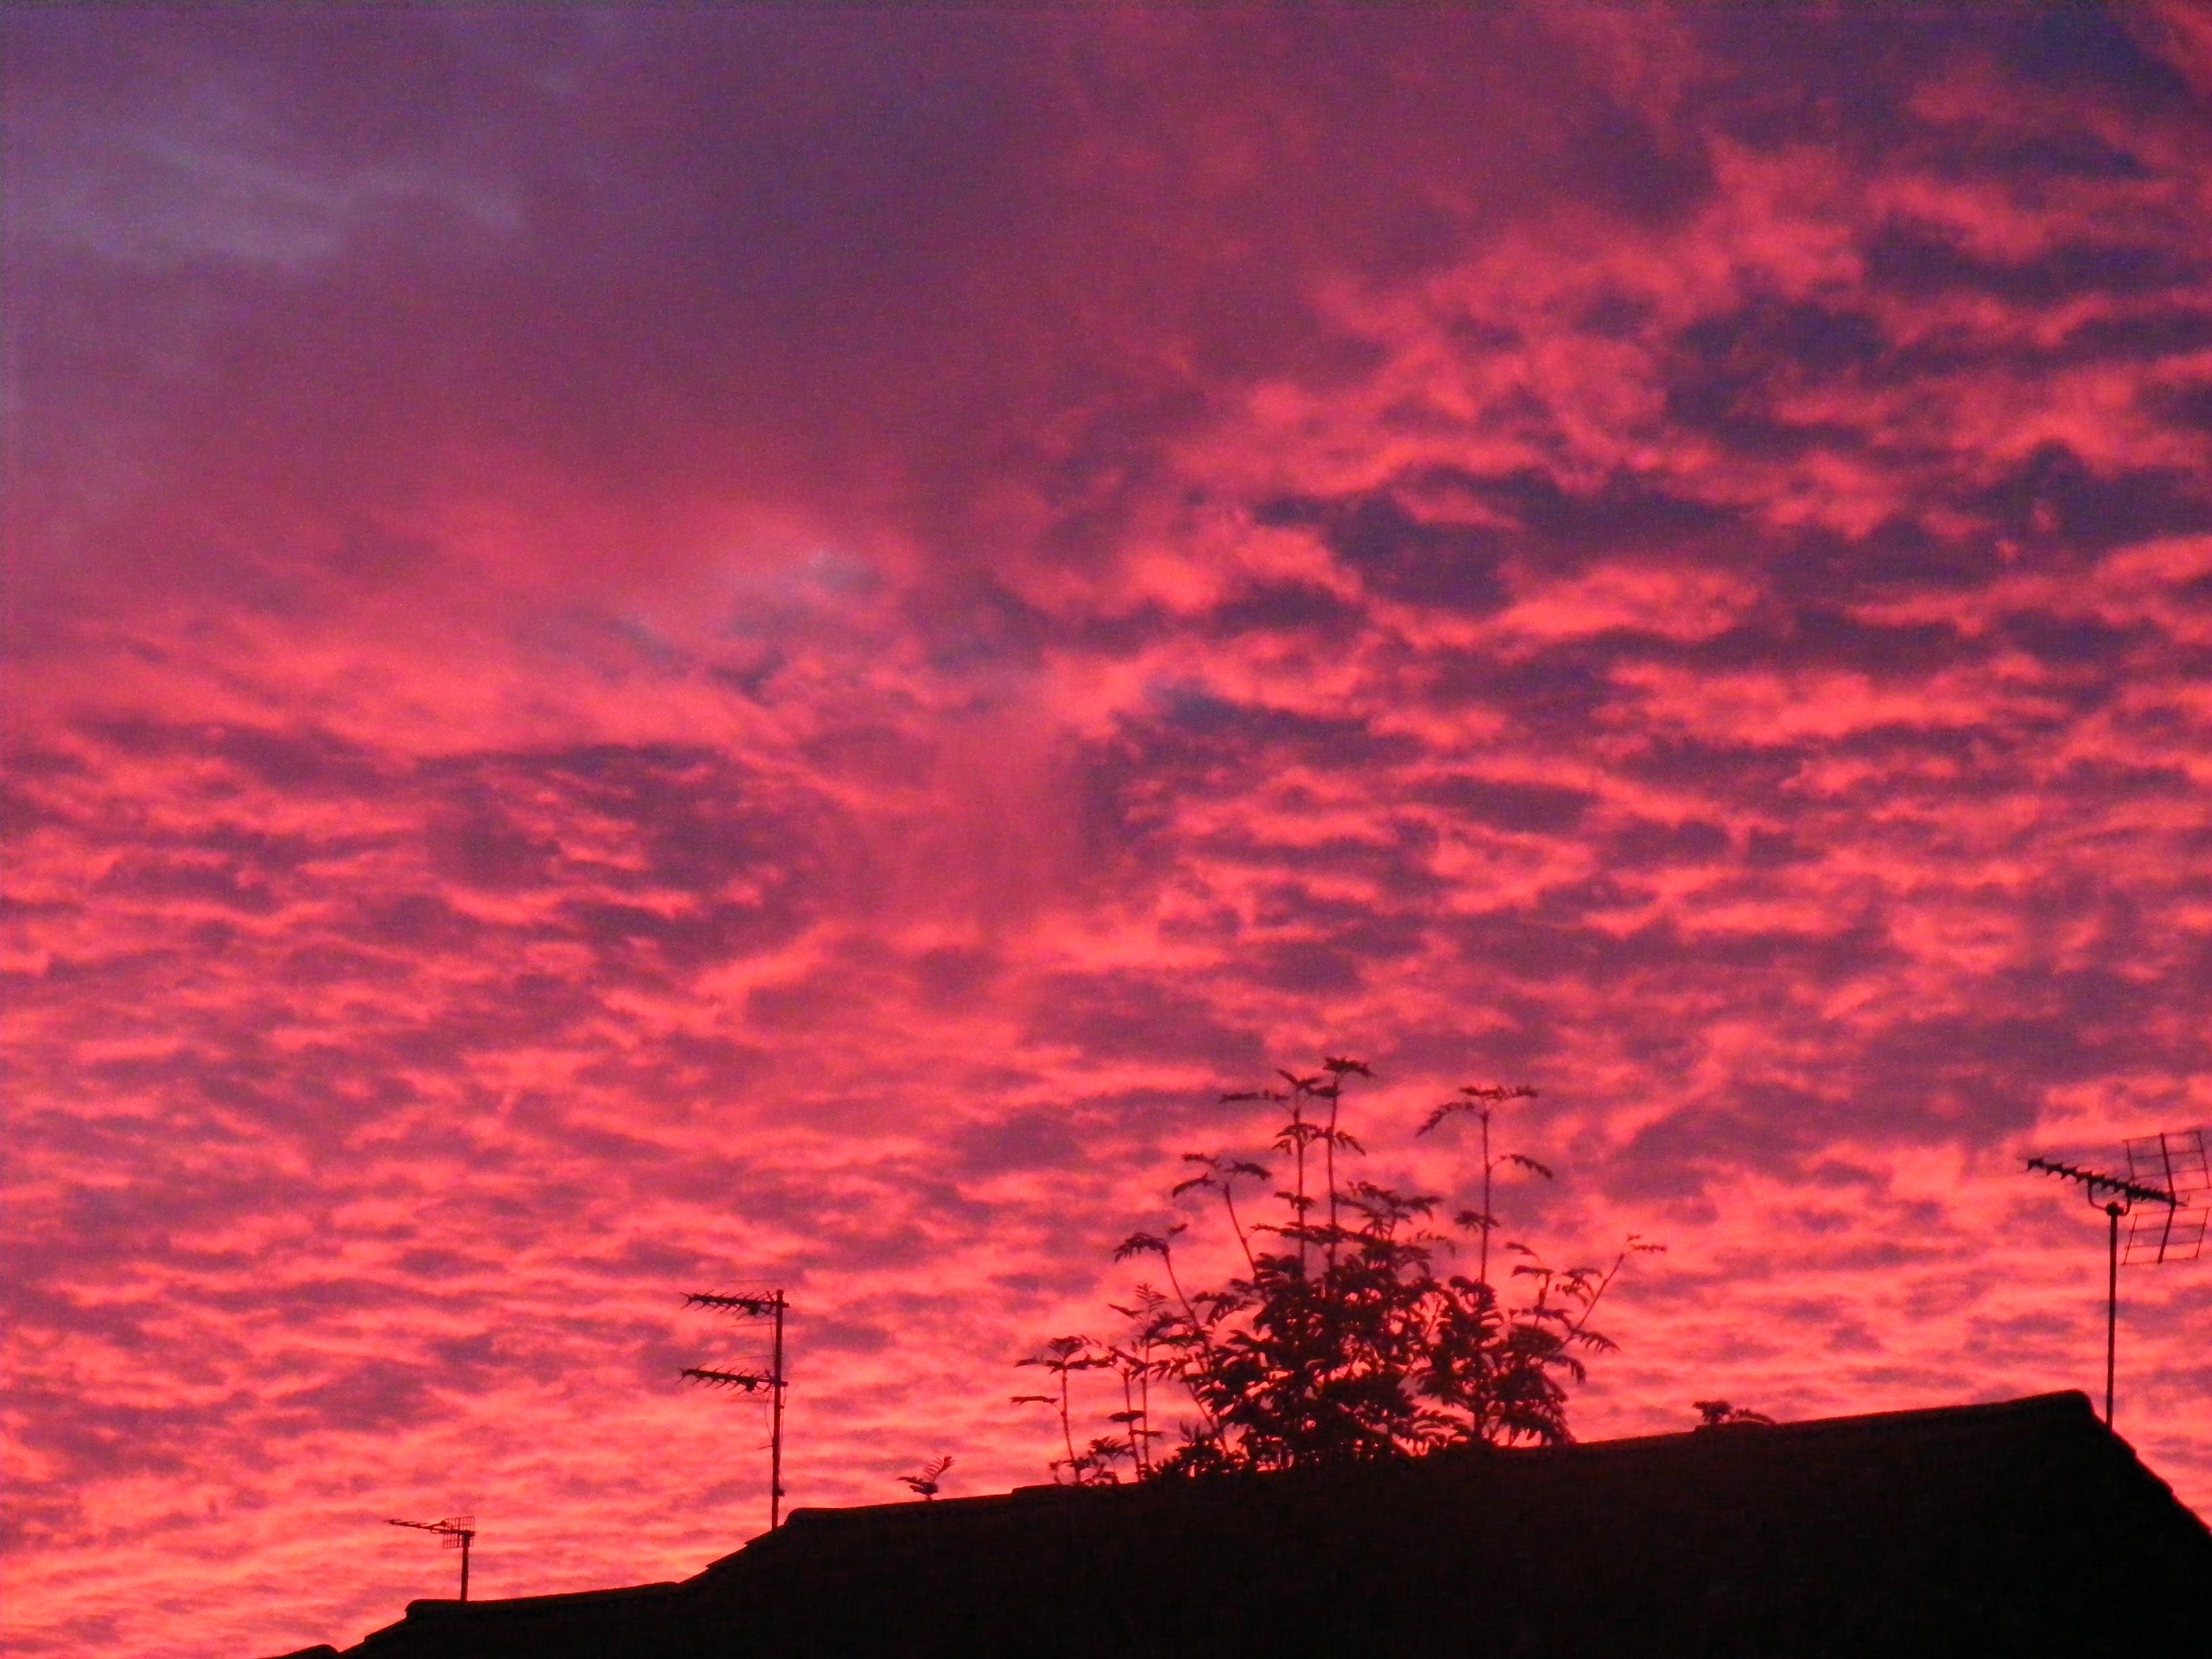 pink sunset wallpaper   ForWallpapercom 3264x2448